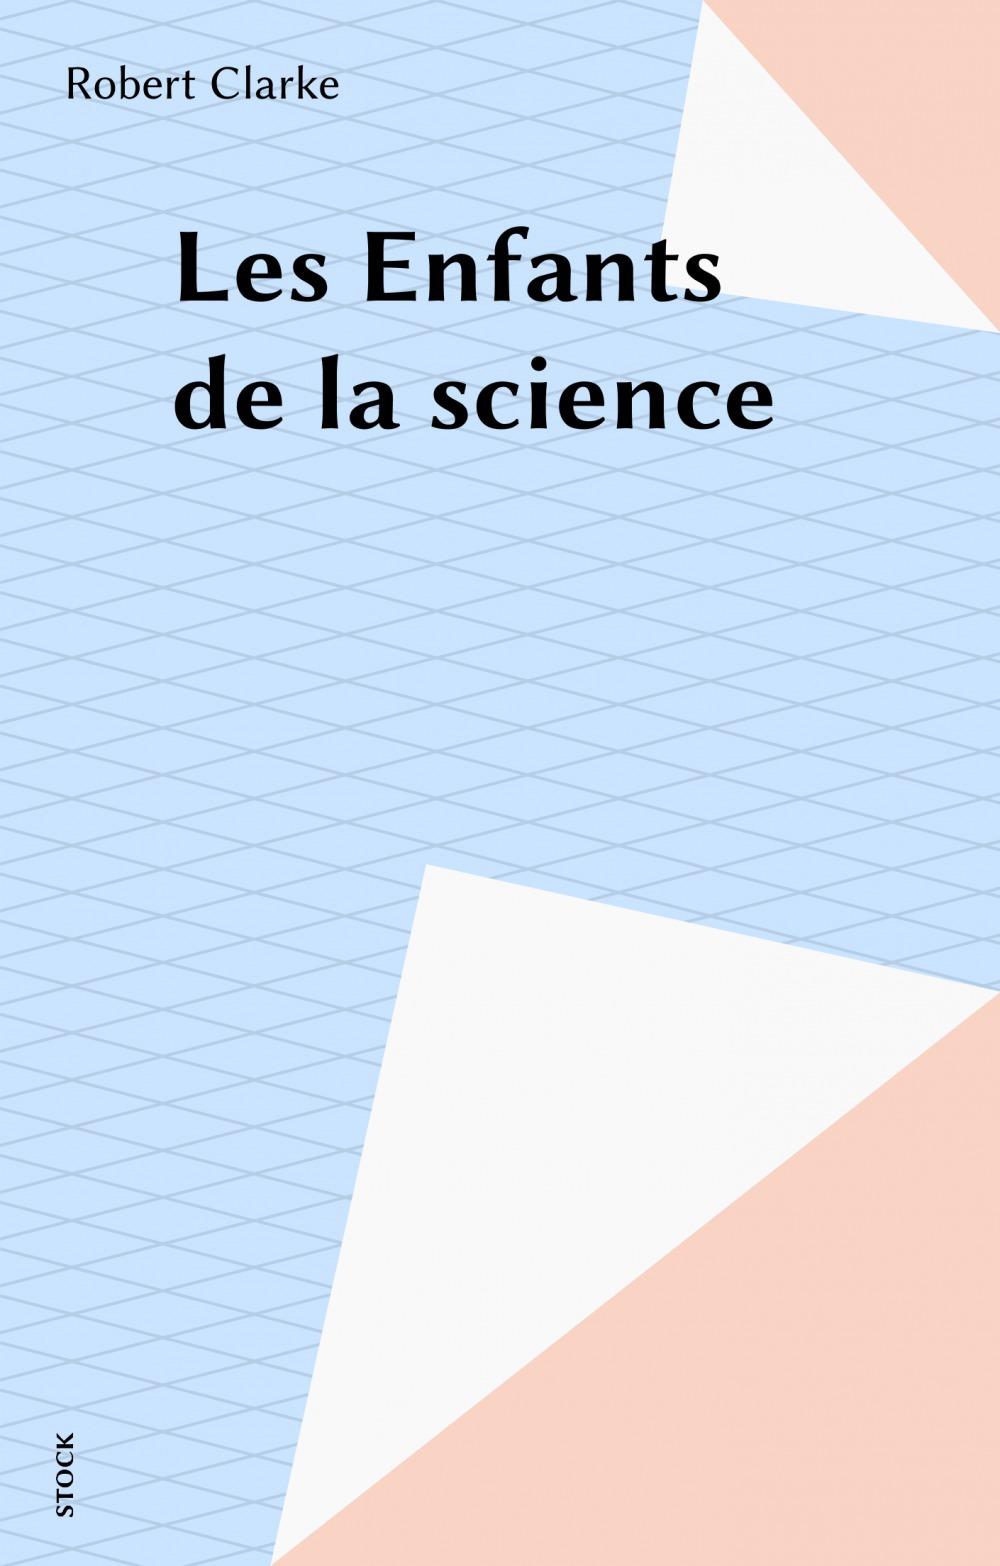 Les Enfants de la science